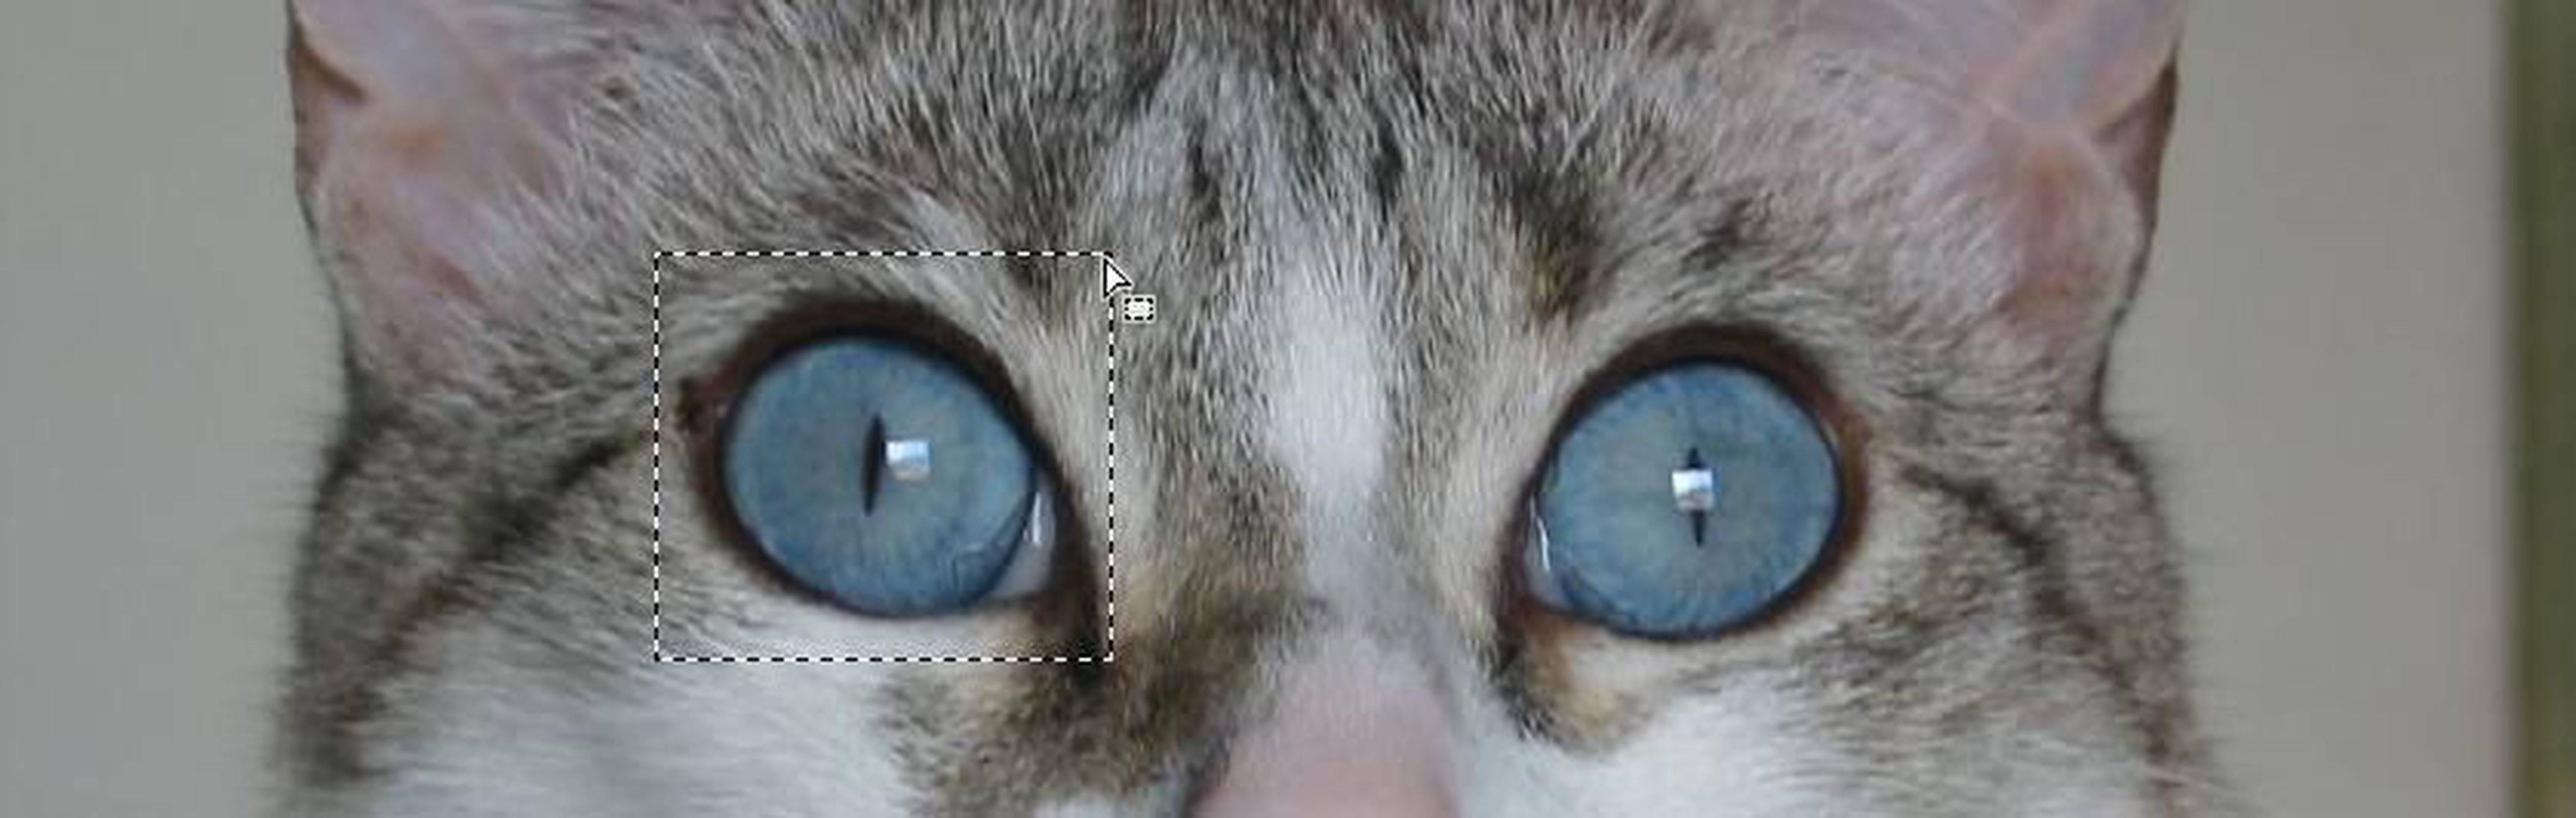 У котенка один зрачок больше другого